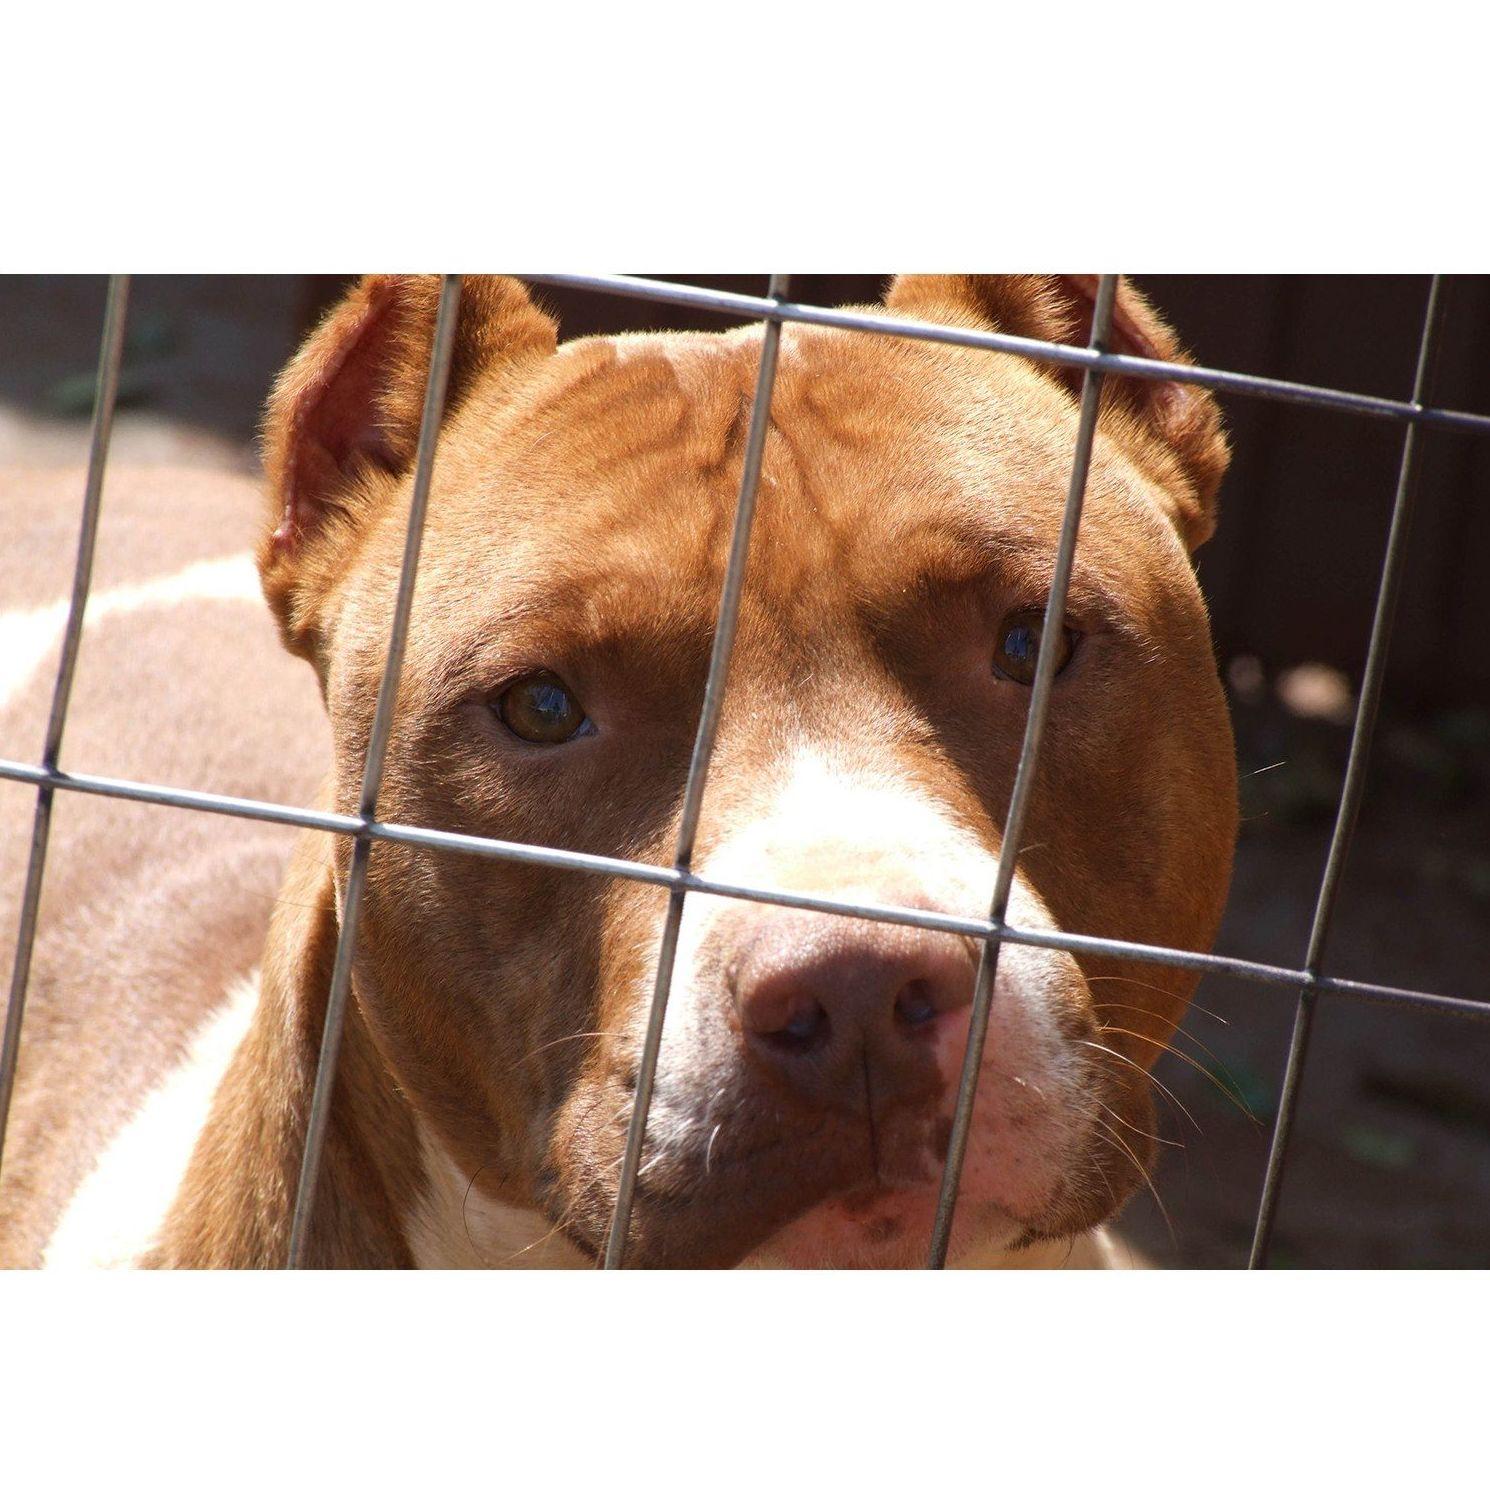 Tenencia de animales peligrosos: Reconocimientos y servicios de Vázquez Parras Centro de Reconocimientos